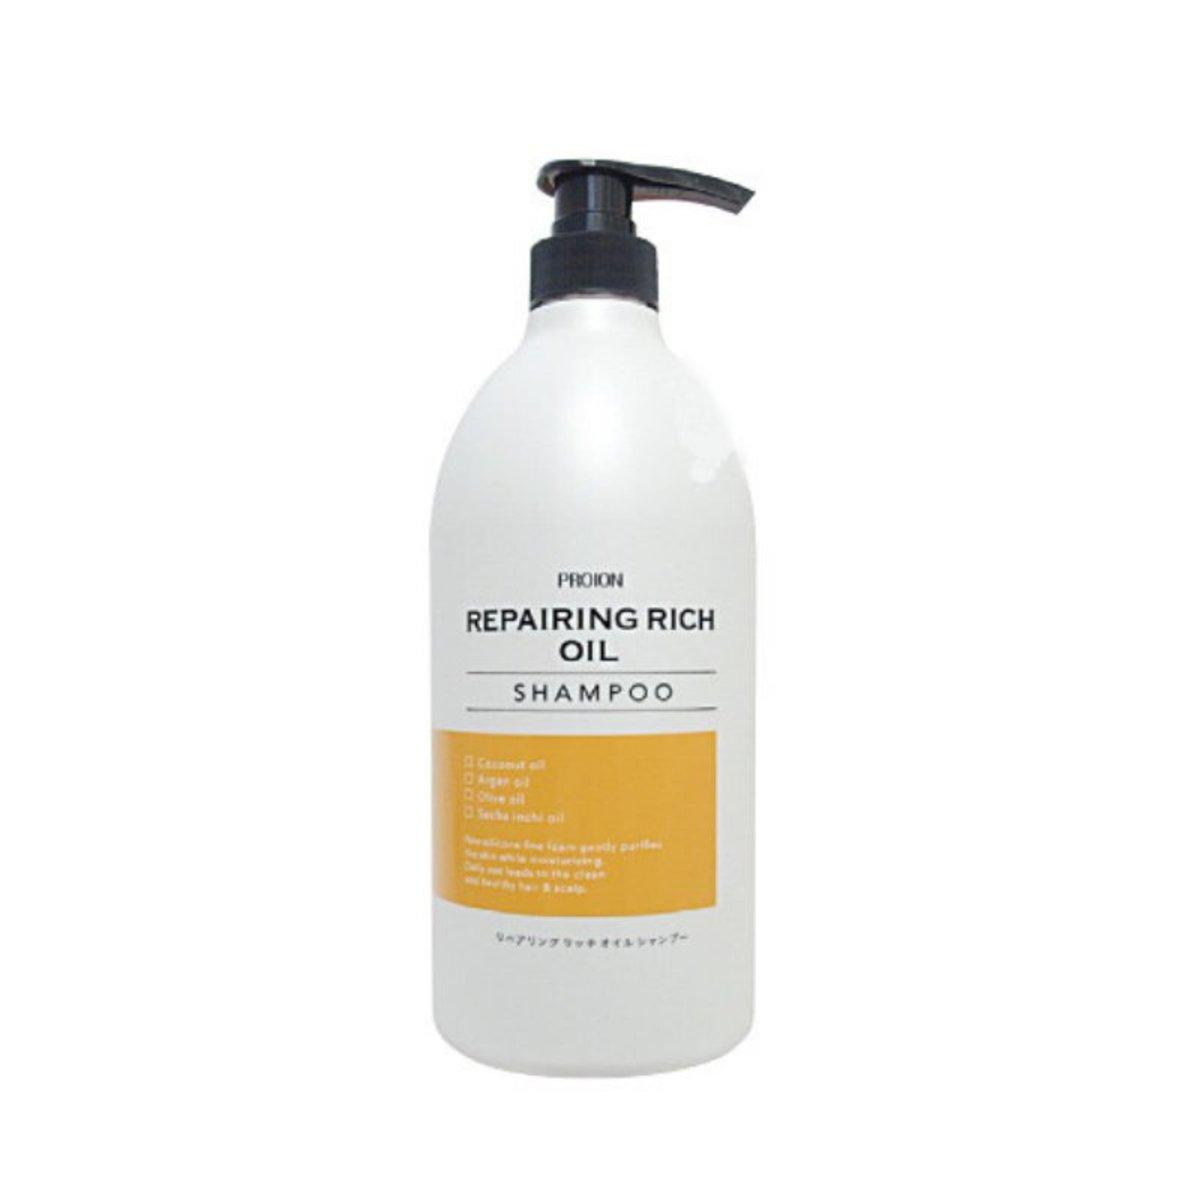 Repairing Rich Oil Shampoo 1L